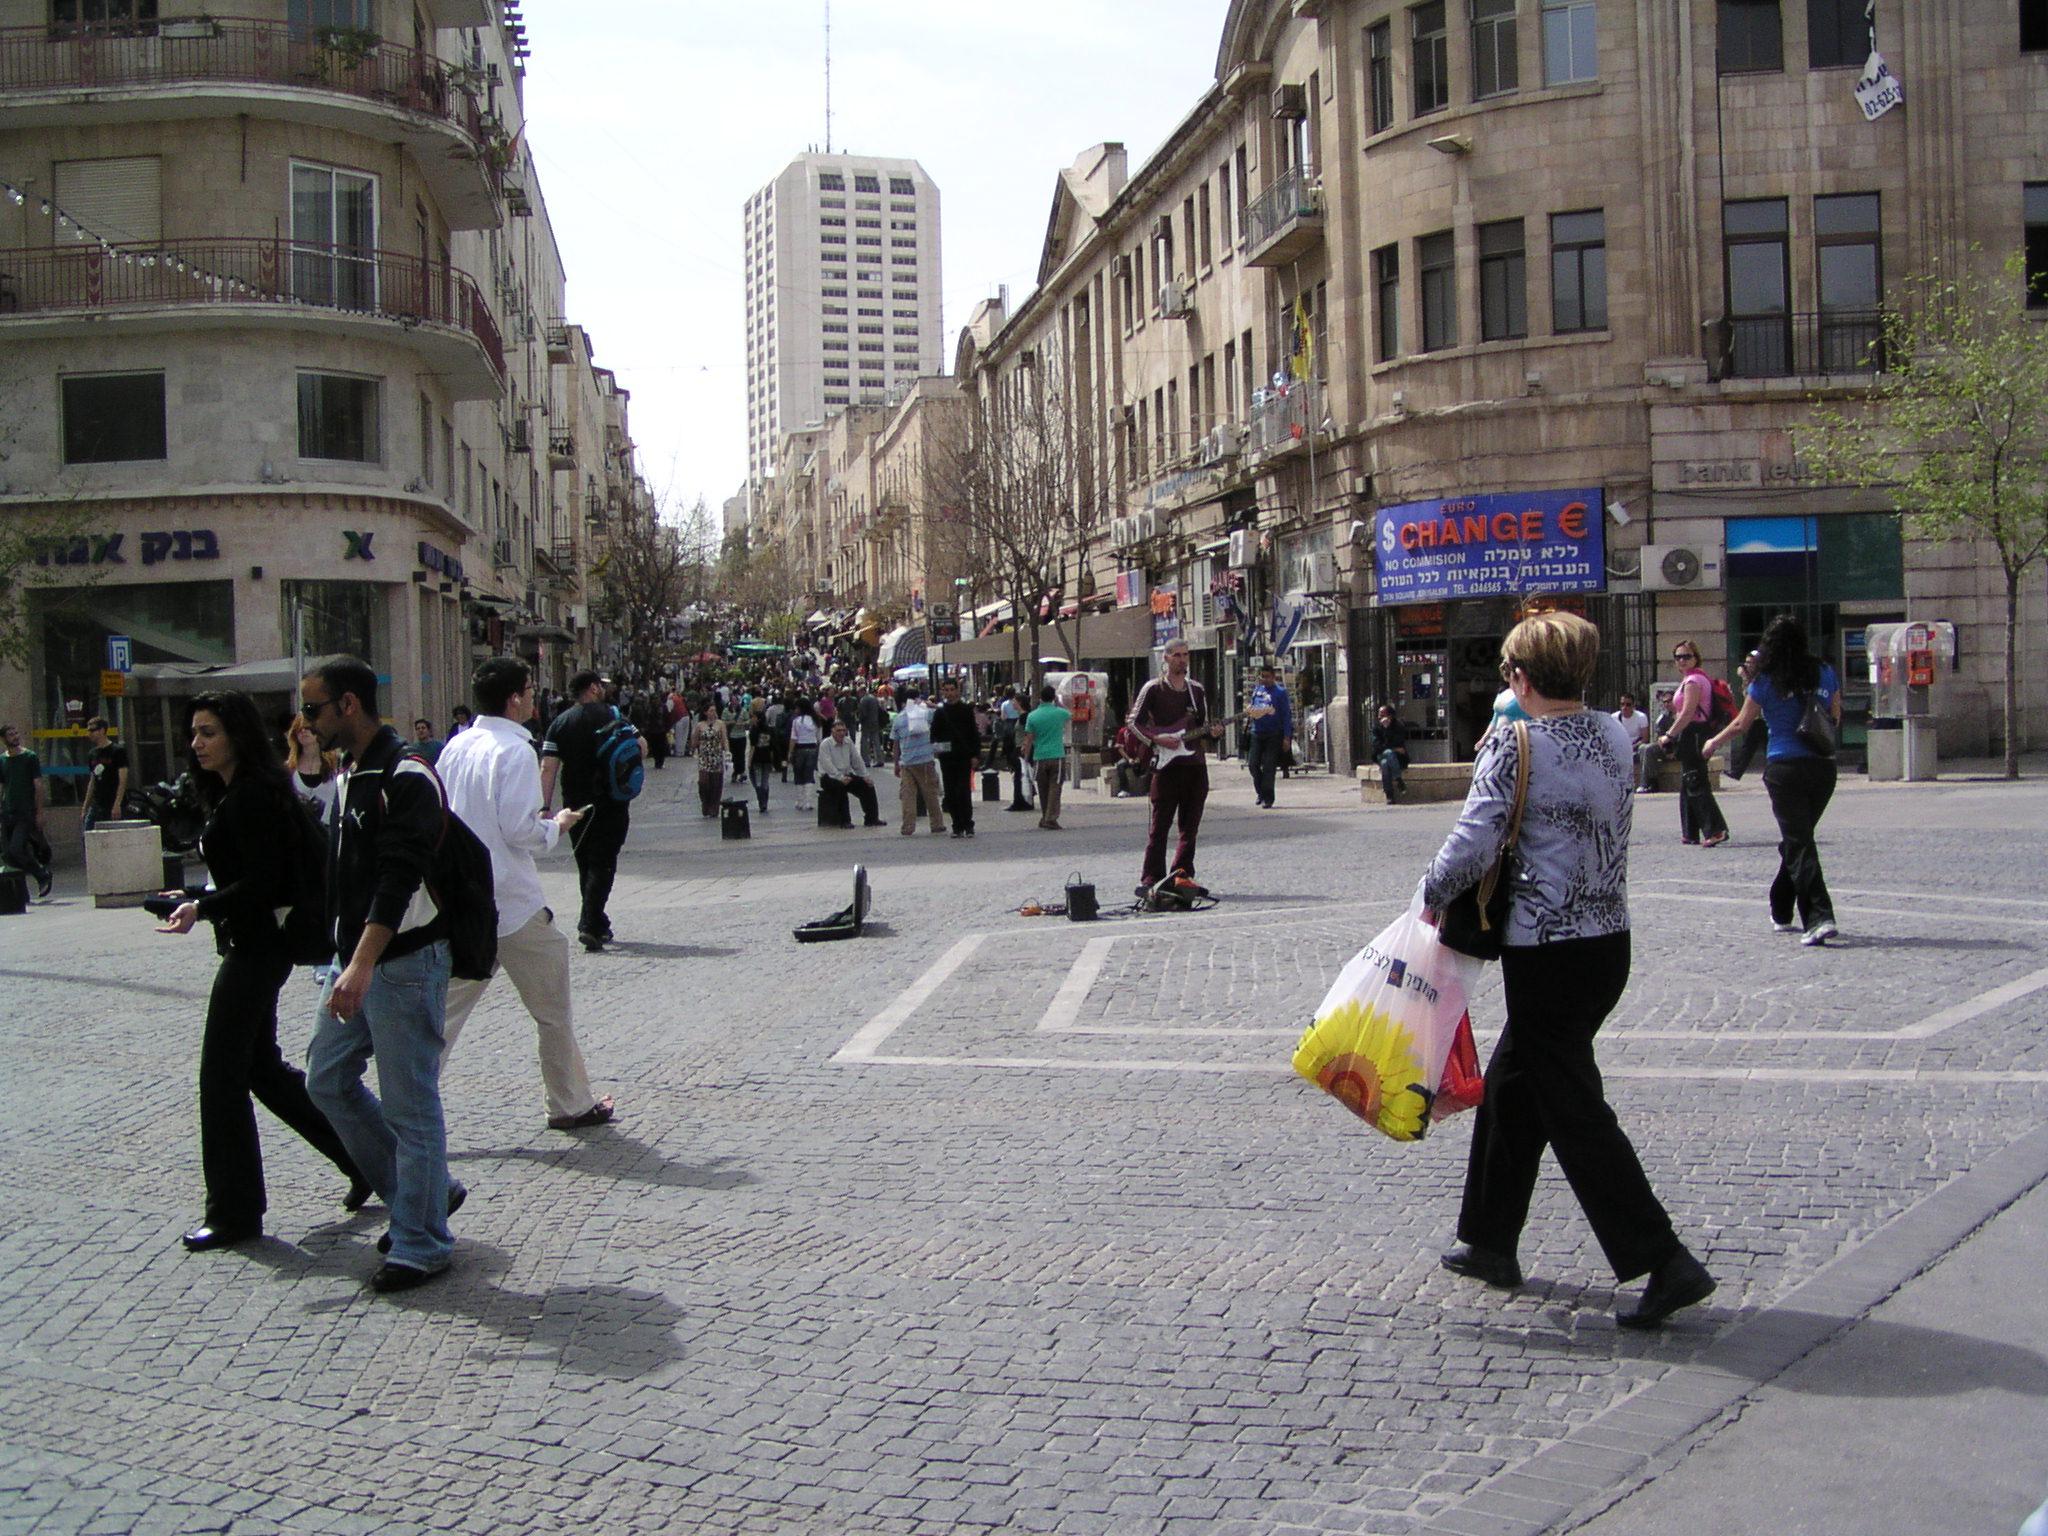 Sijónské náměstí